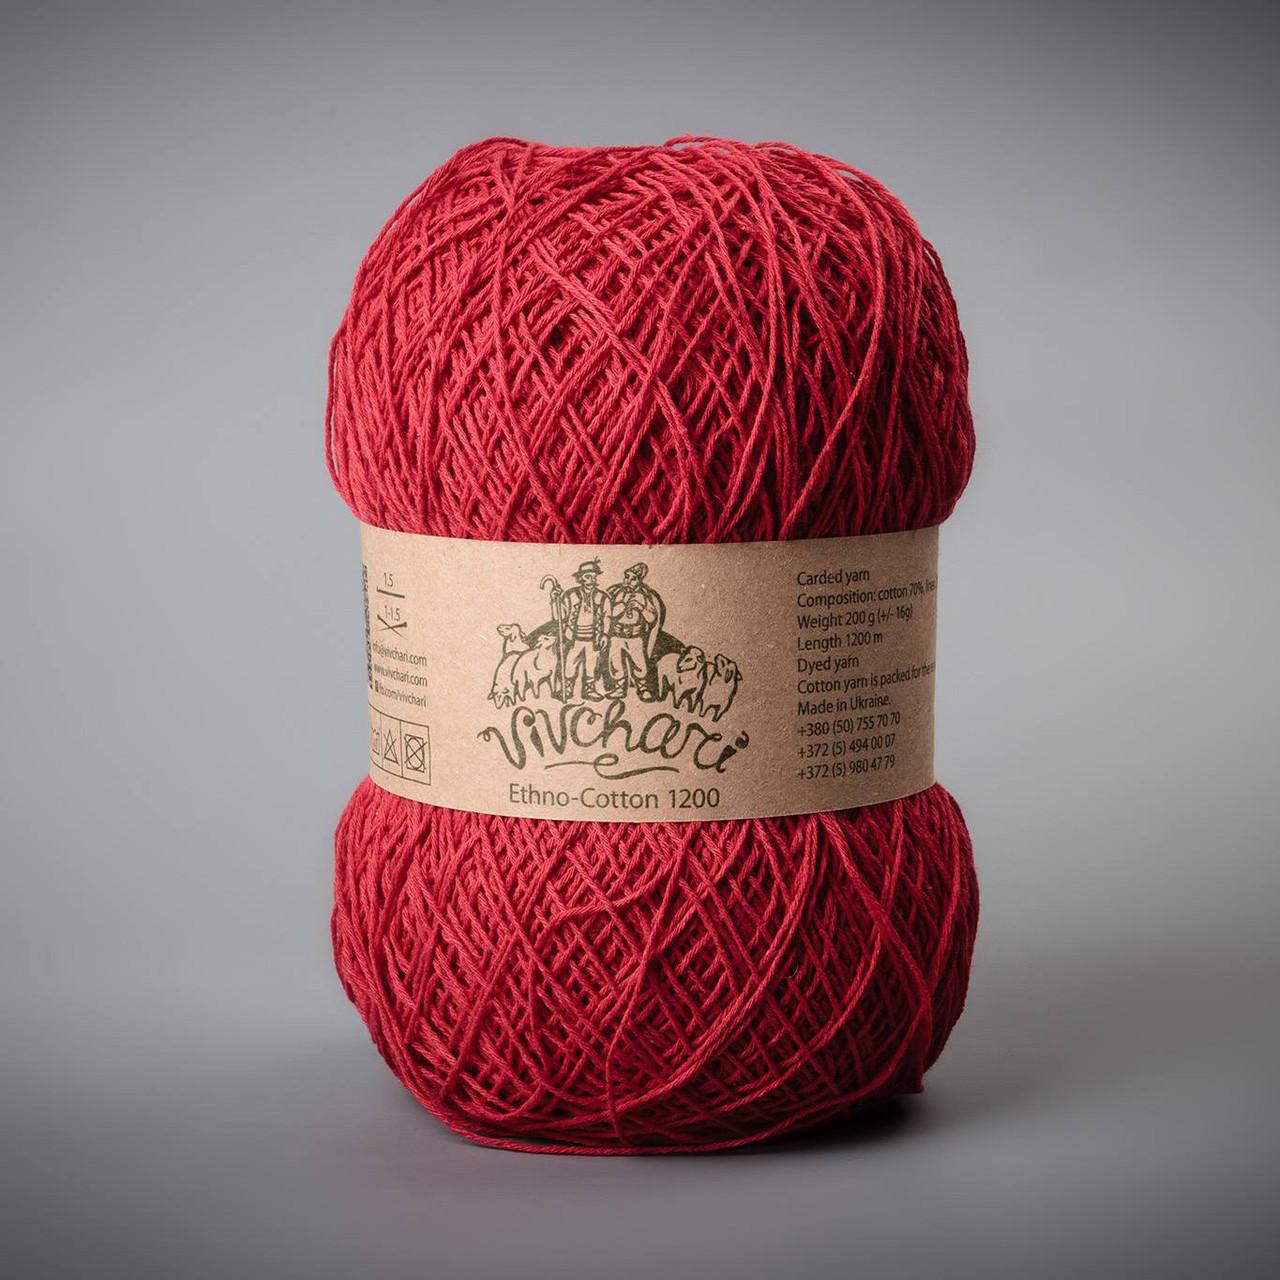 Пряжа Vivchari Ethno-Cotton 1200, цвет 019 красный